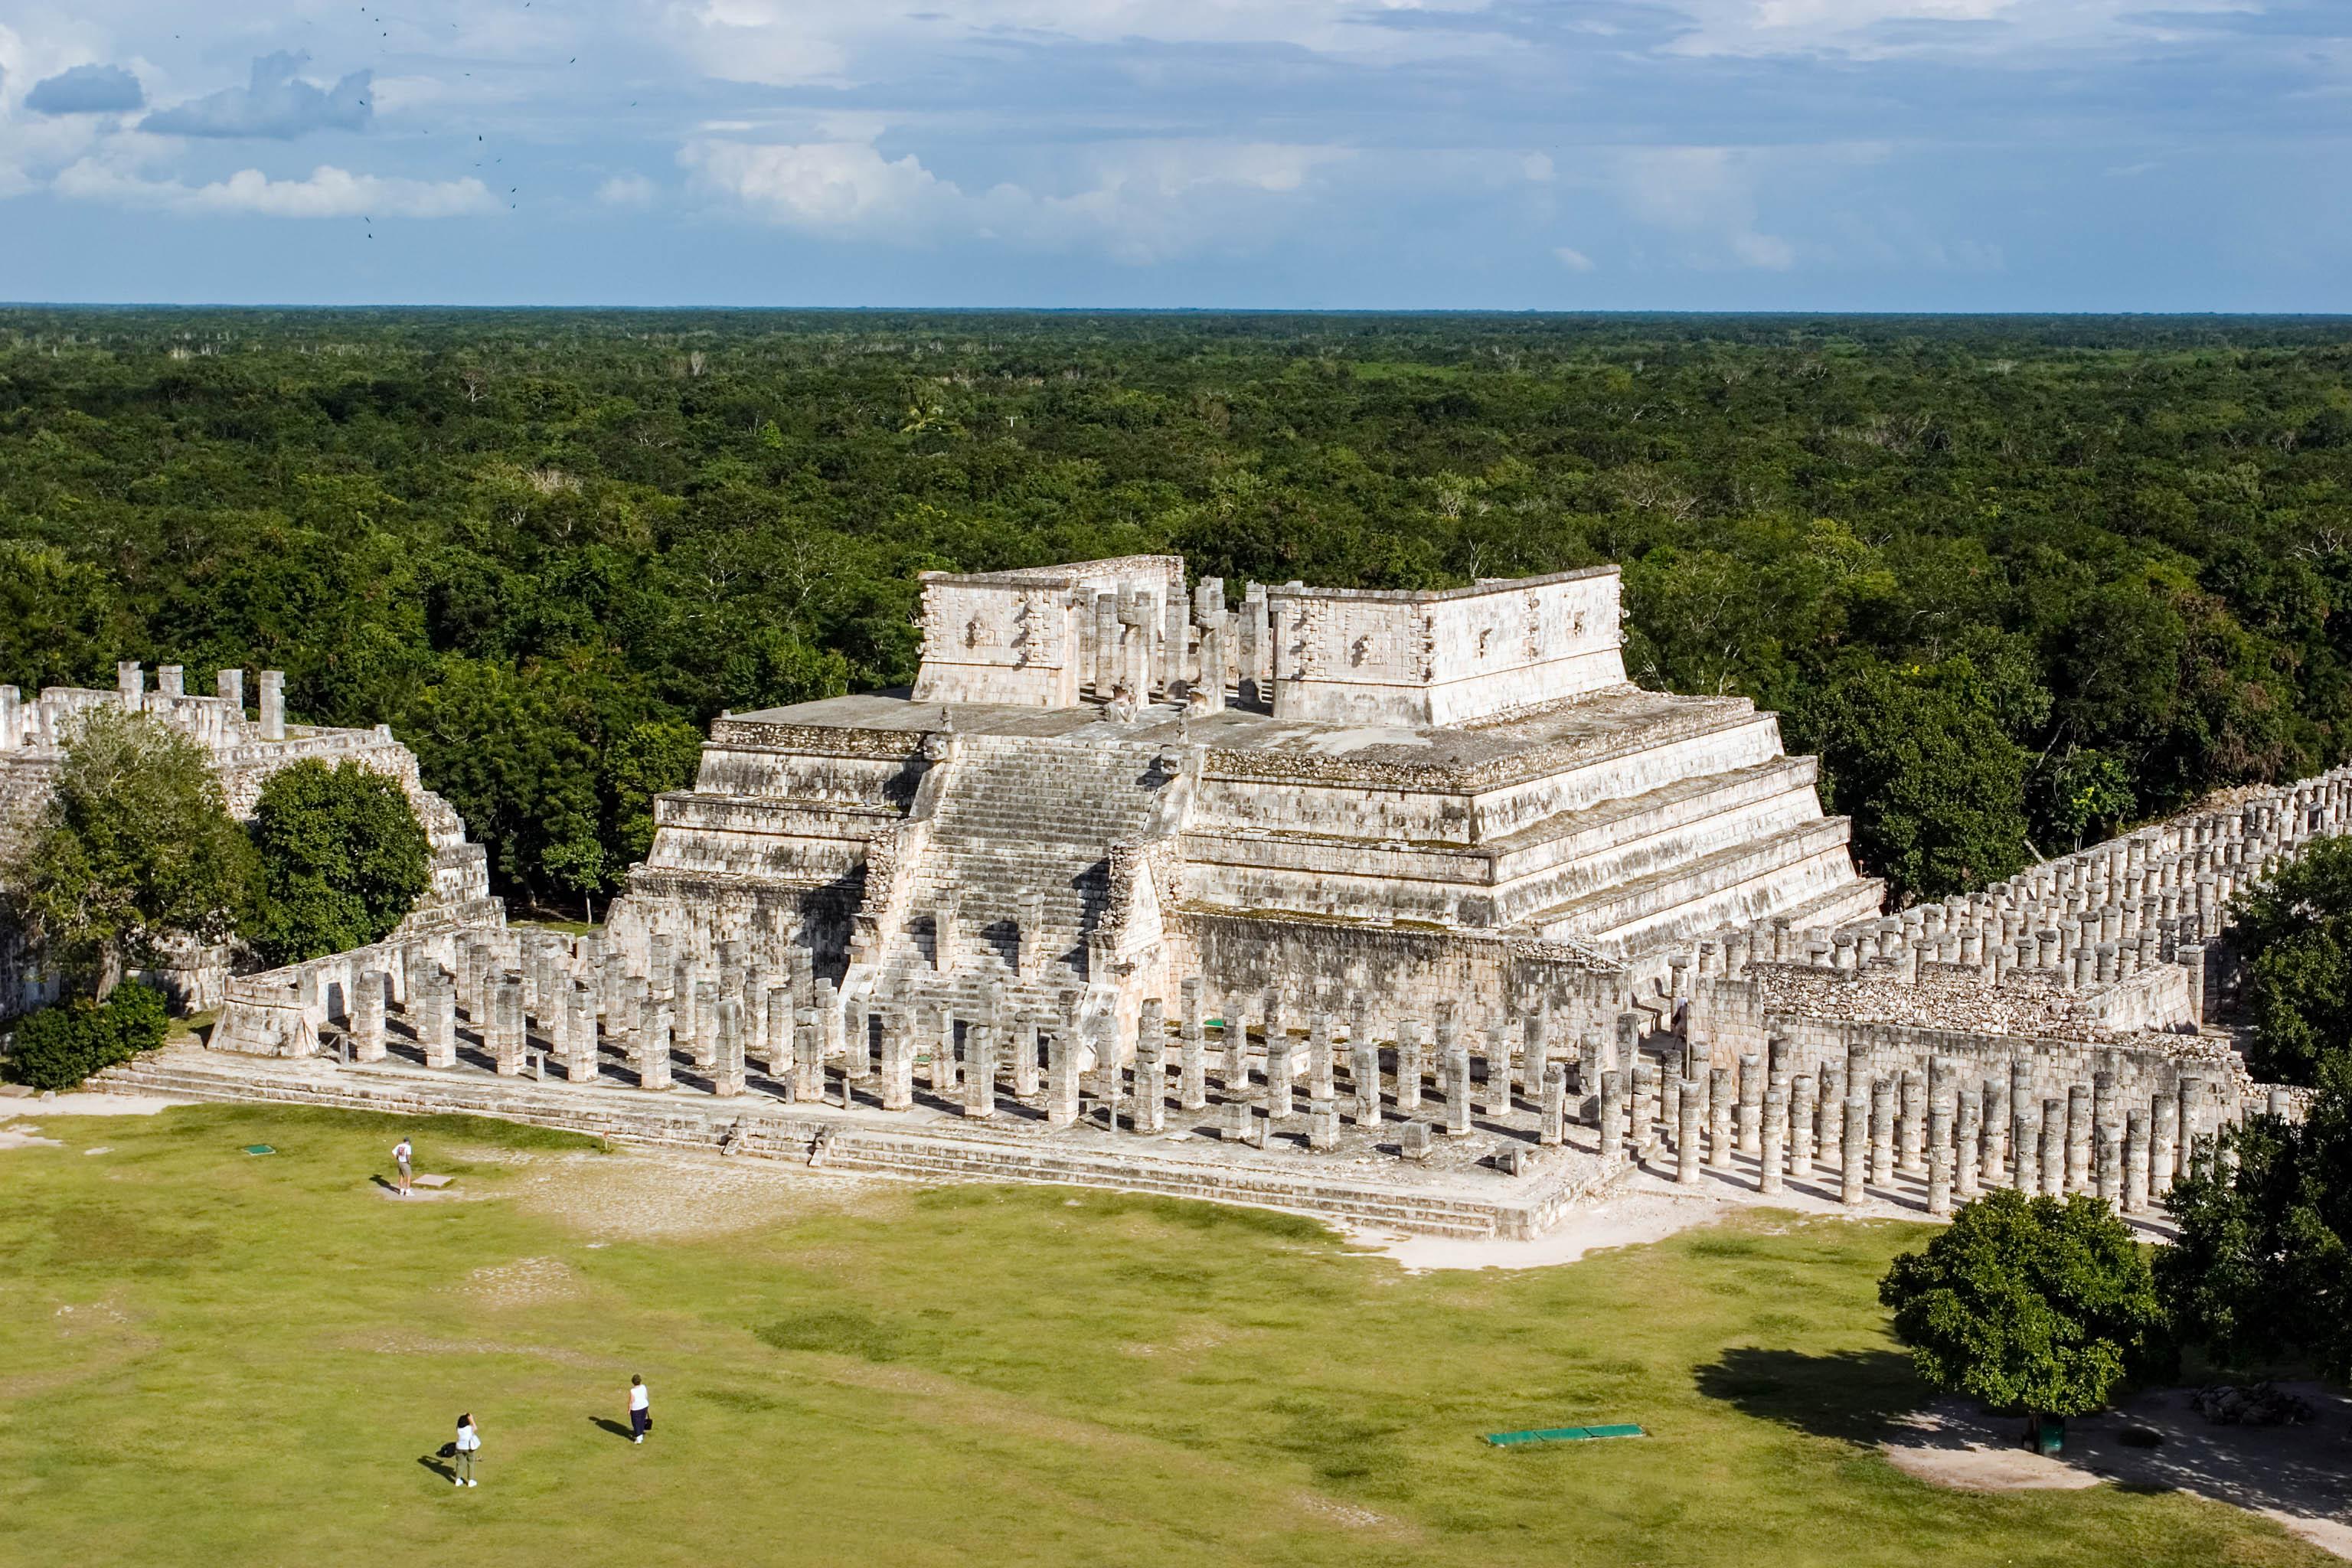 Die Maya Ruine Chichen Itza in Mexiko